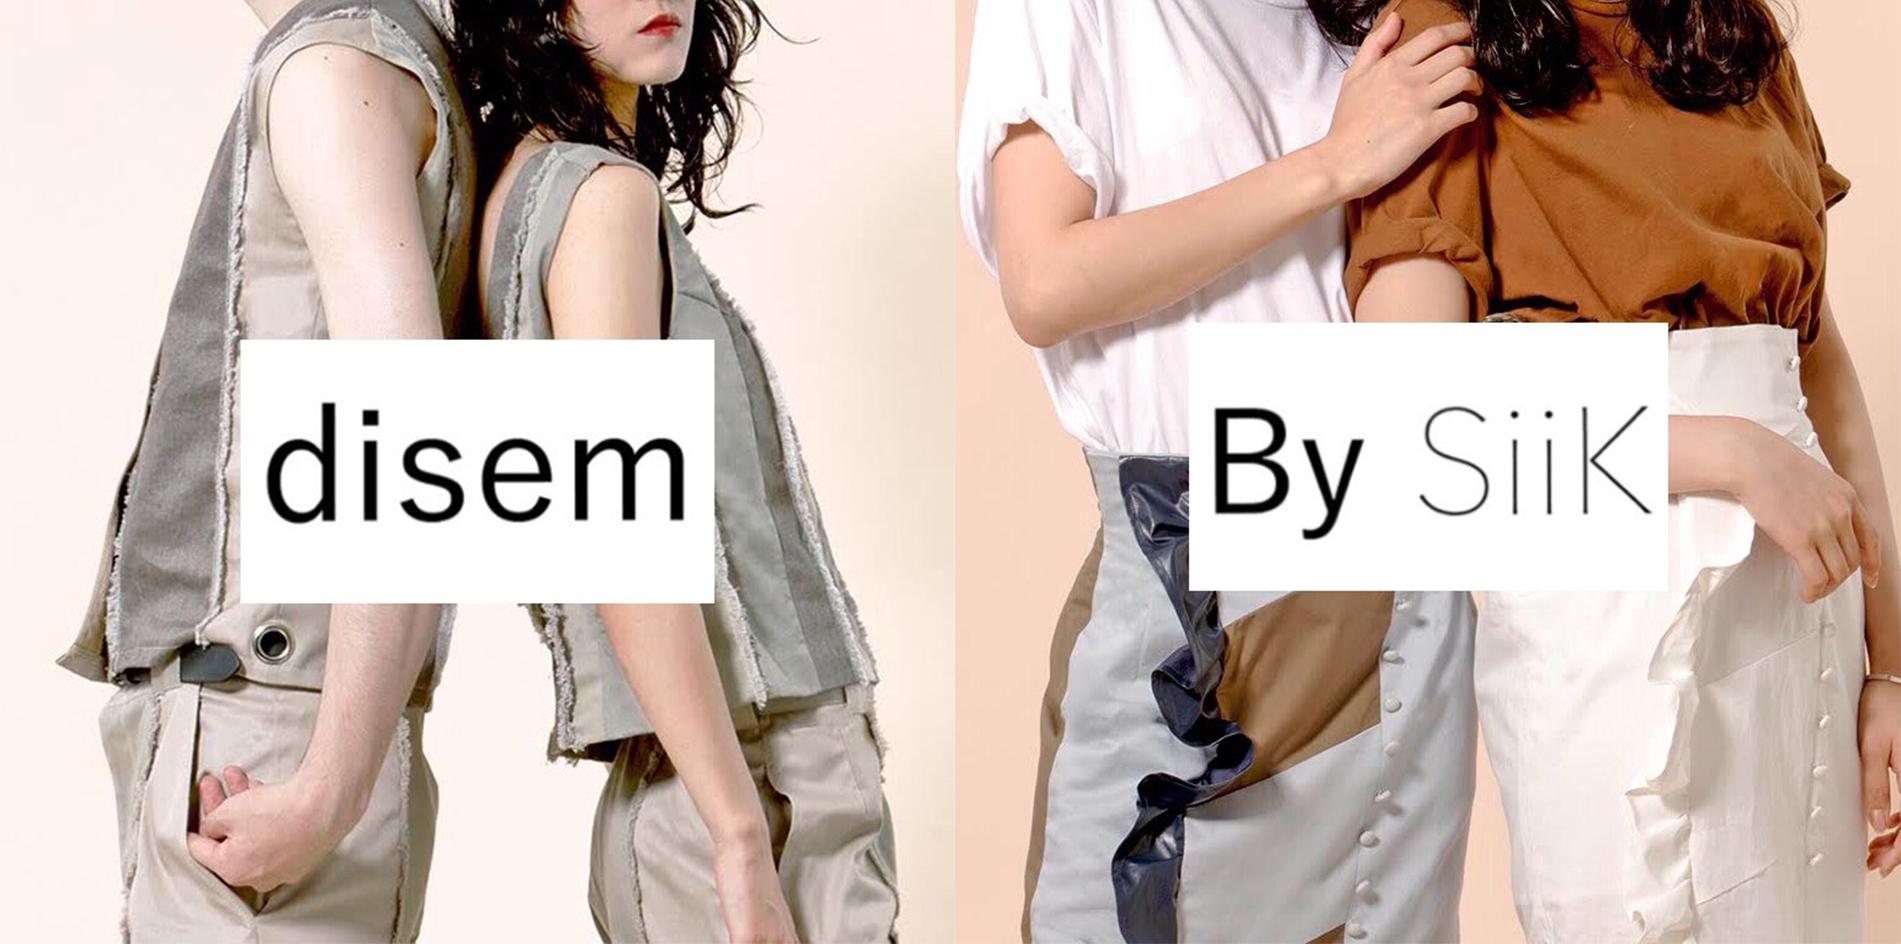 注目すべき新ブランド『disemBySiiK』の1stコレクションにフィーチャー